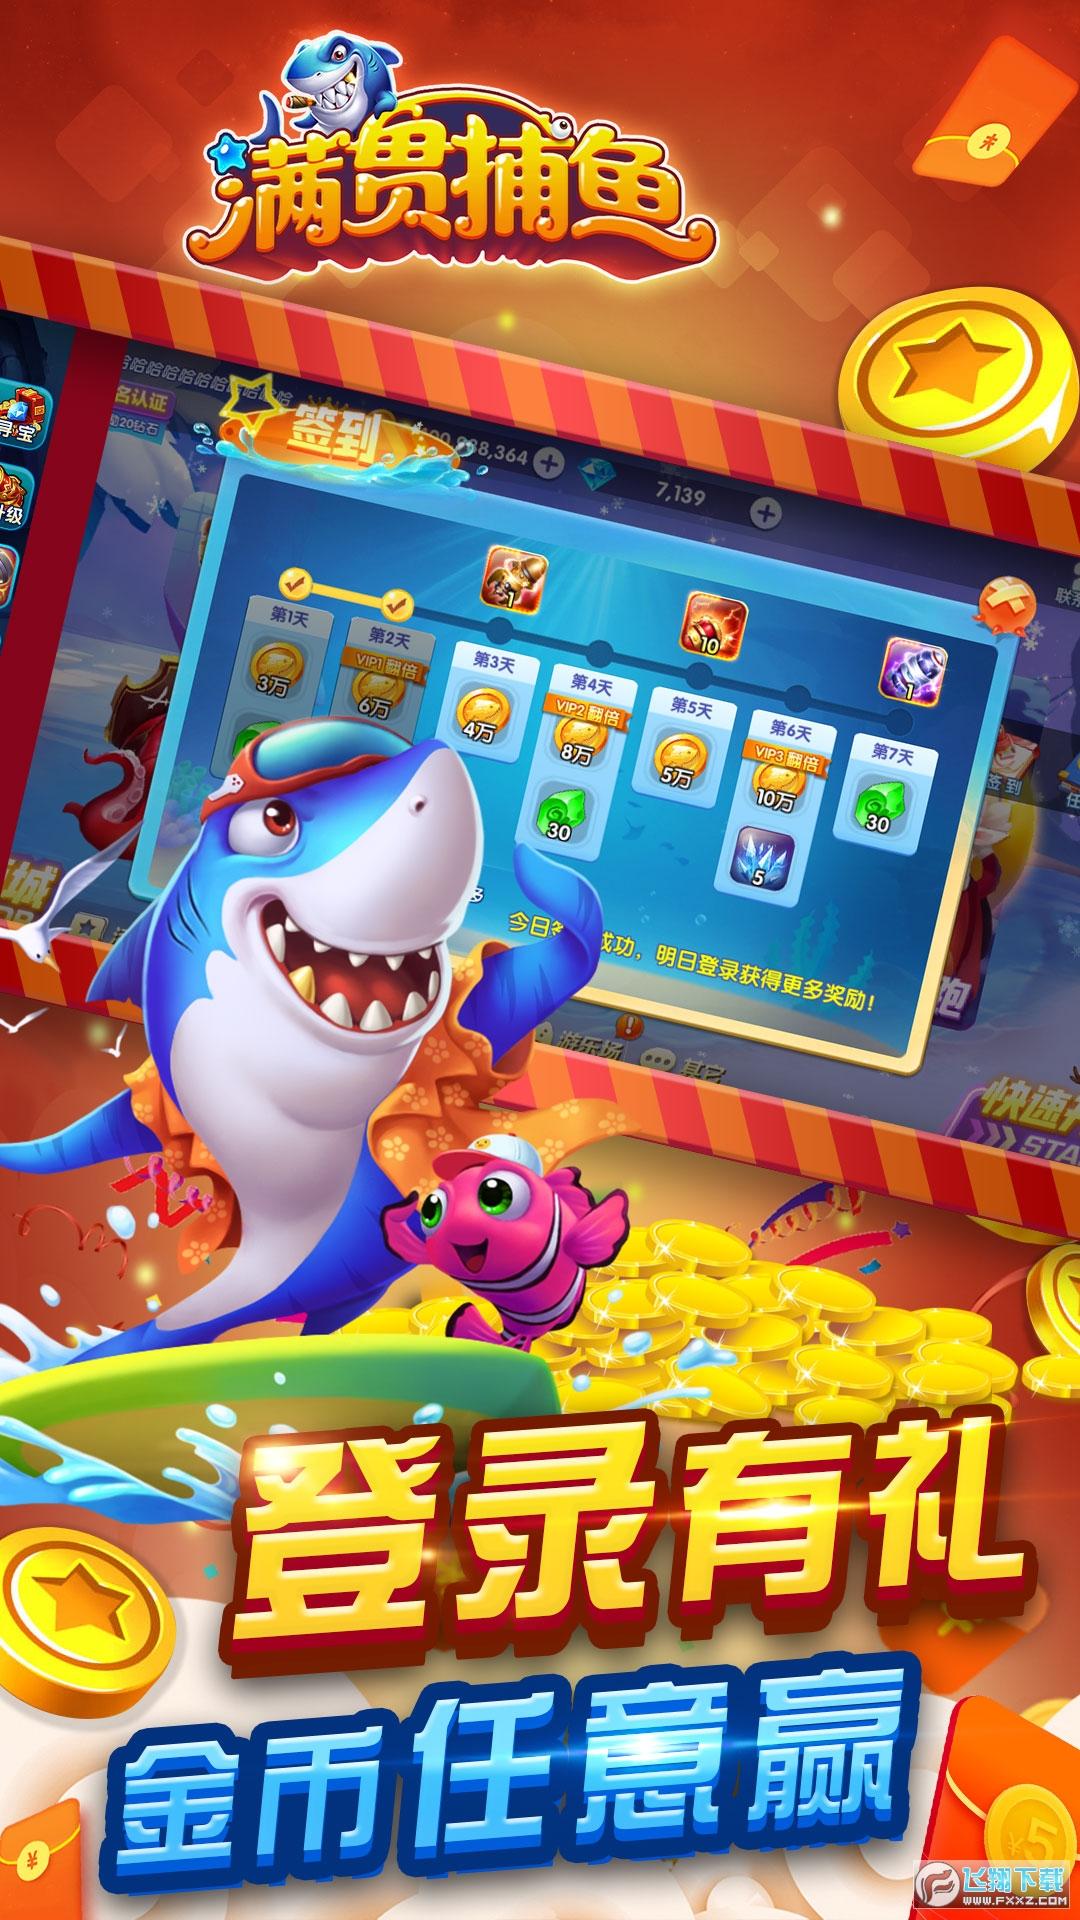 满贯捕鱼大奖赛赢华为p40游戏